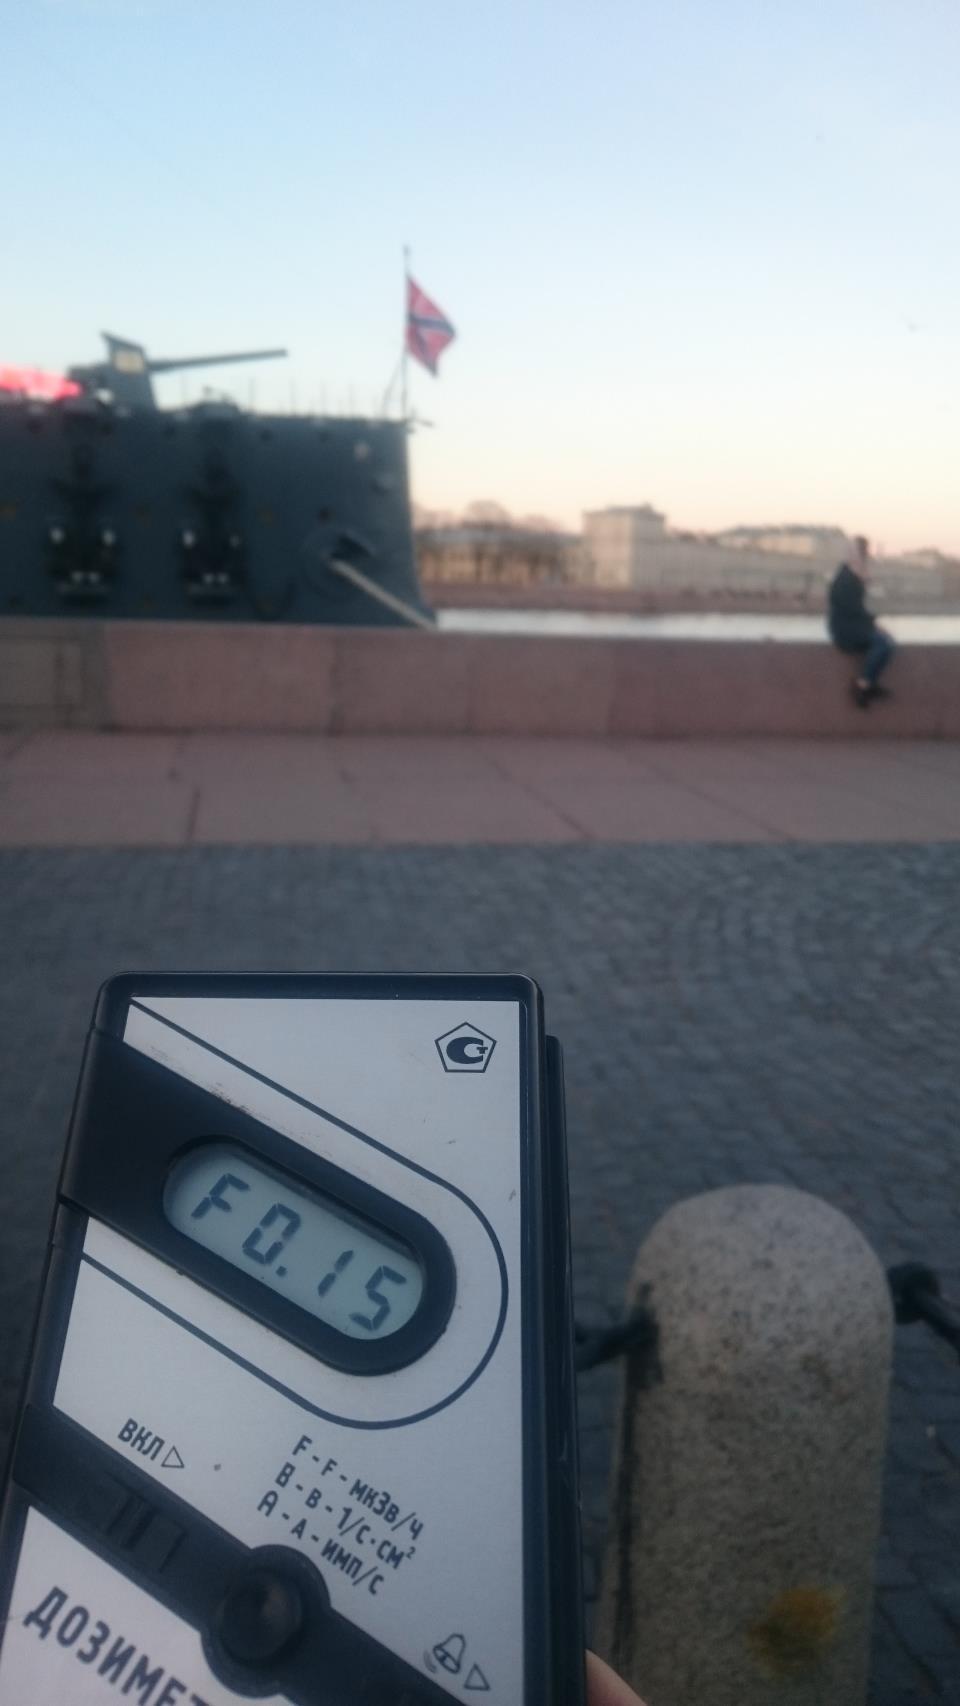 Точка измерения МЭД гамма-излучени на Петроградской набережной напротив крейсера Аврора в Санкт-Петербурге